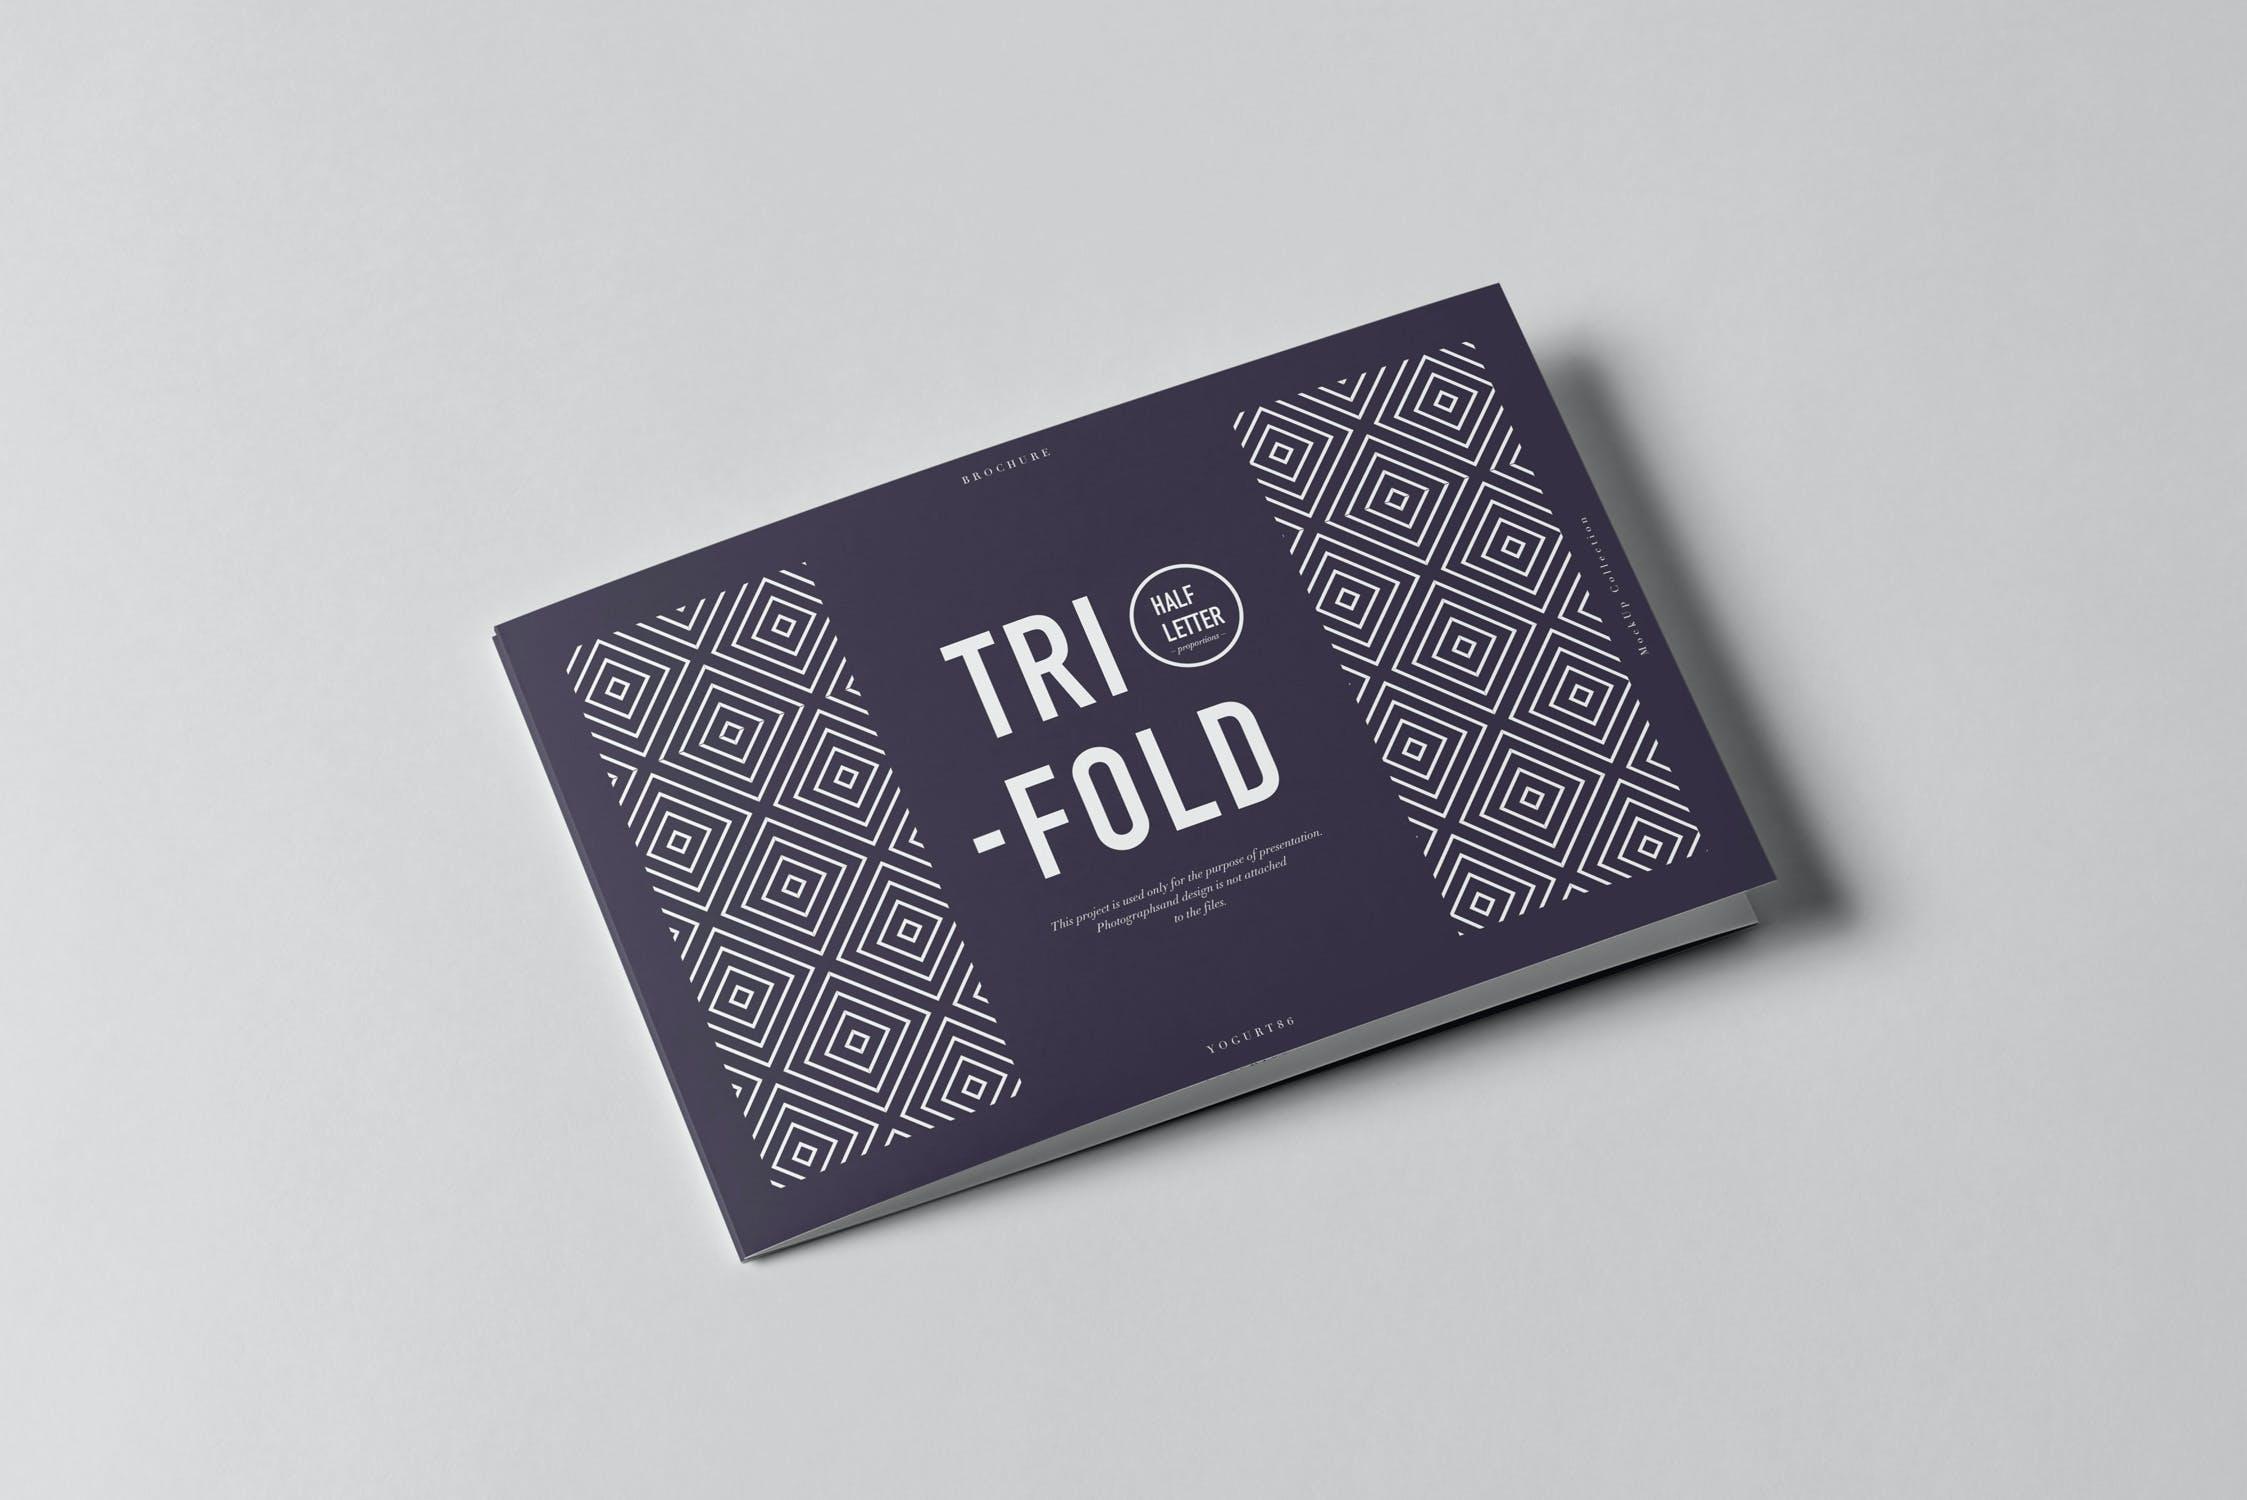 9款横版三折页小册子设计展示样机模板 Tri-Fold Half Letter Horizontal Brochure Mockup插图(1)